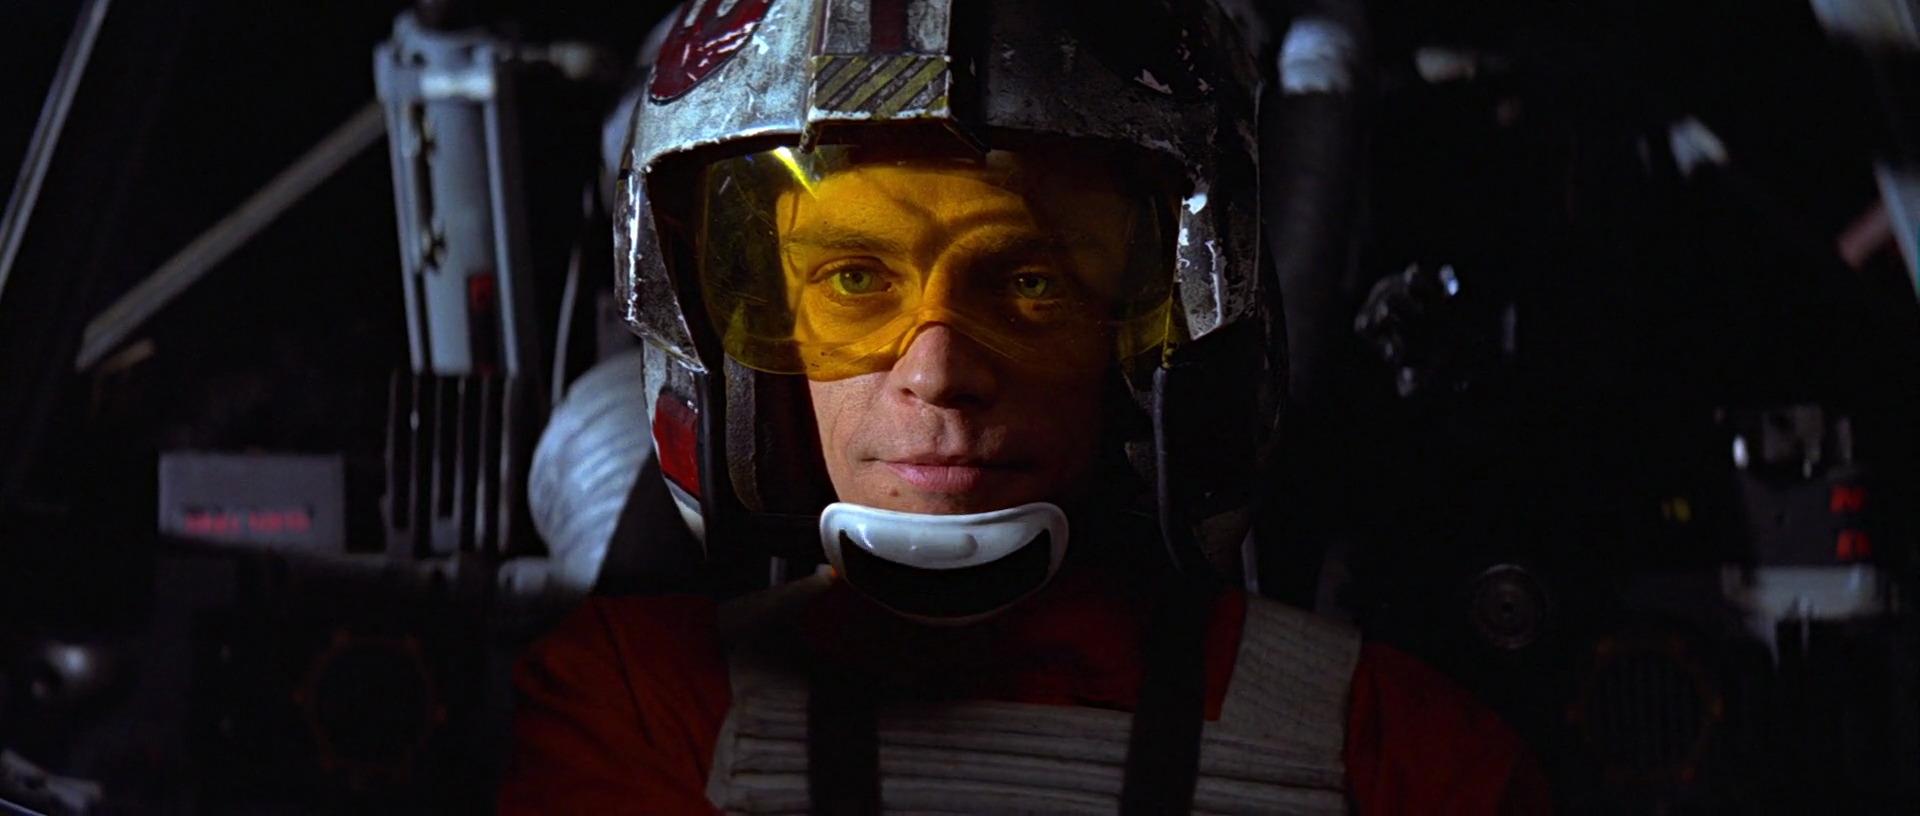 luke-skywalker-x-wing-pilot.jpg